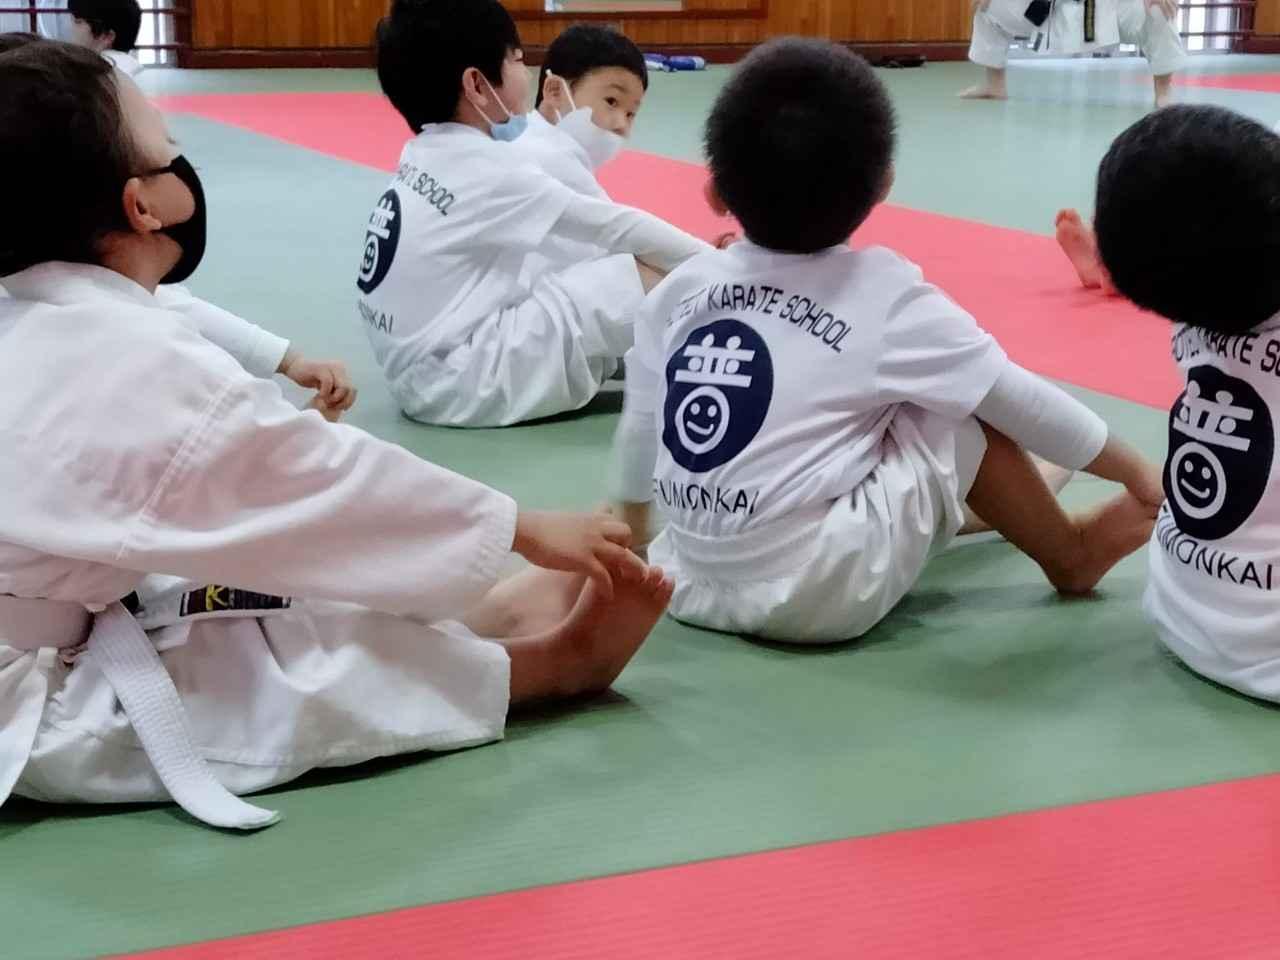 川崎市幸区空手クラブ 3歳から安心空手クラブ